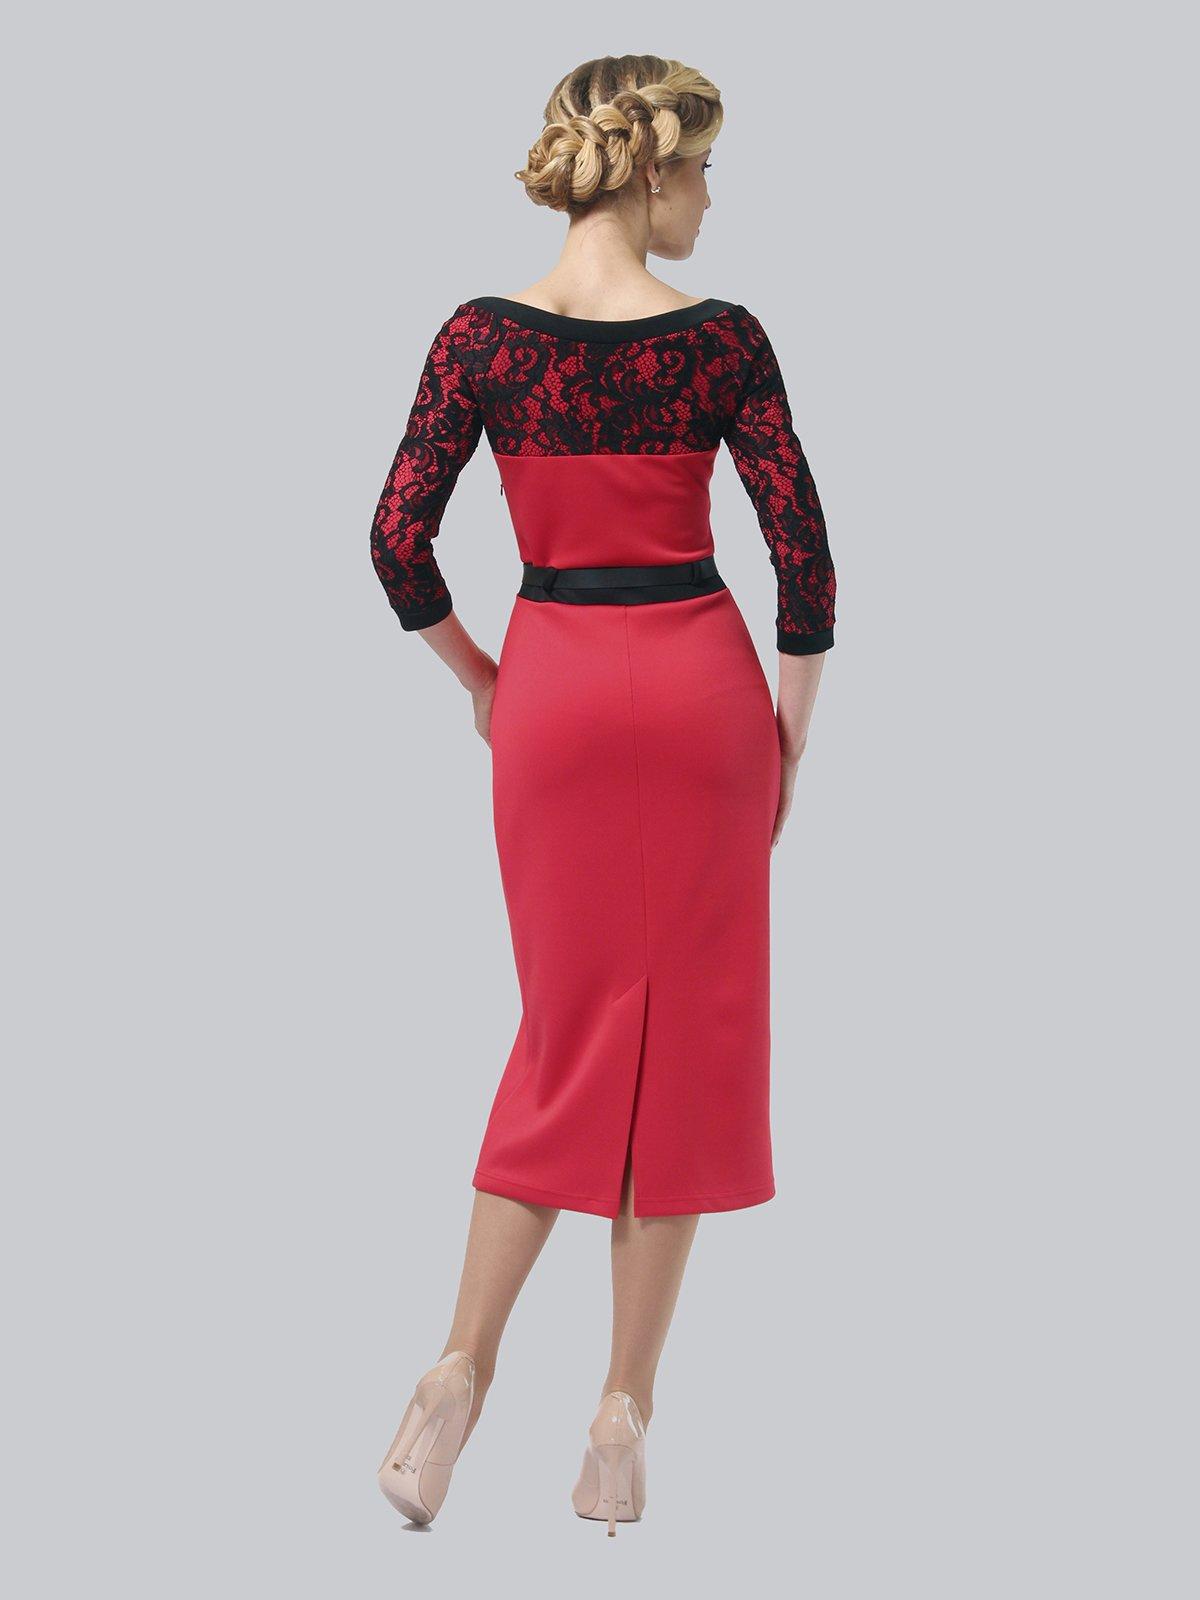 Платье коралловое   3851933   фото 6